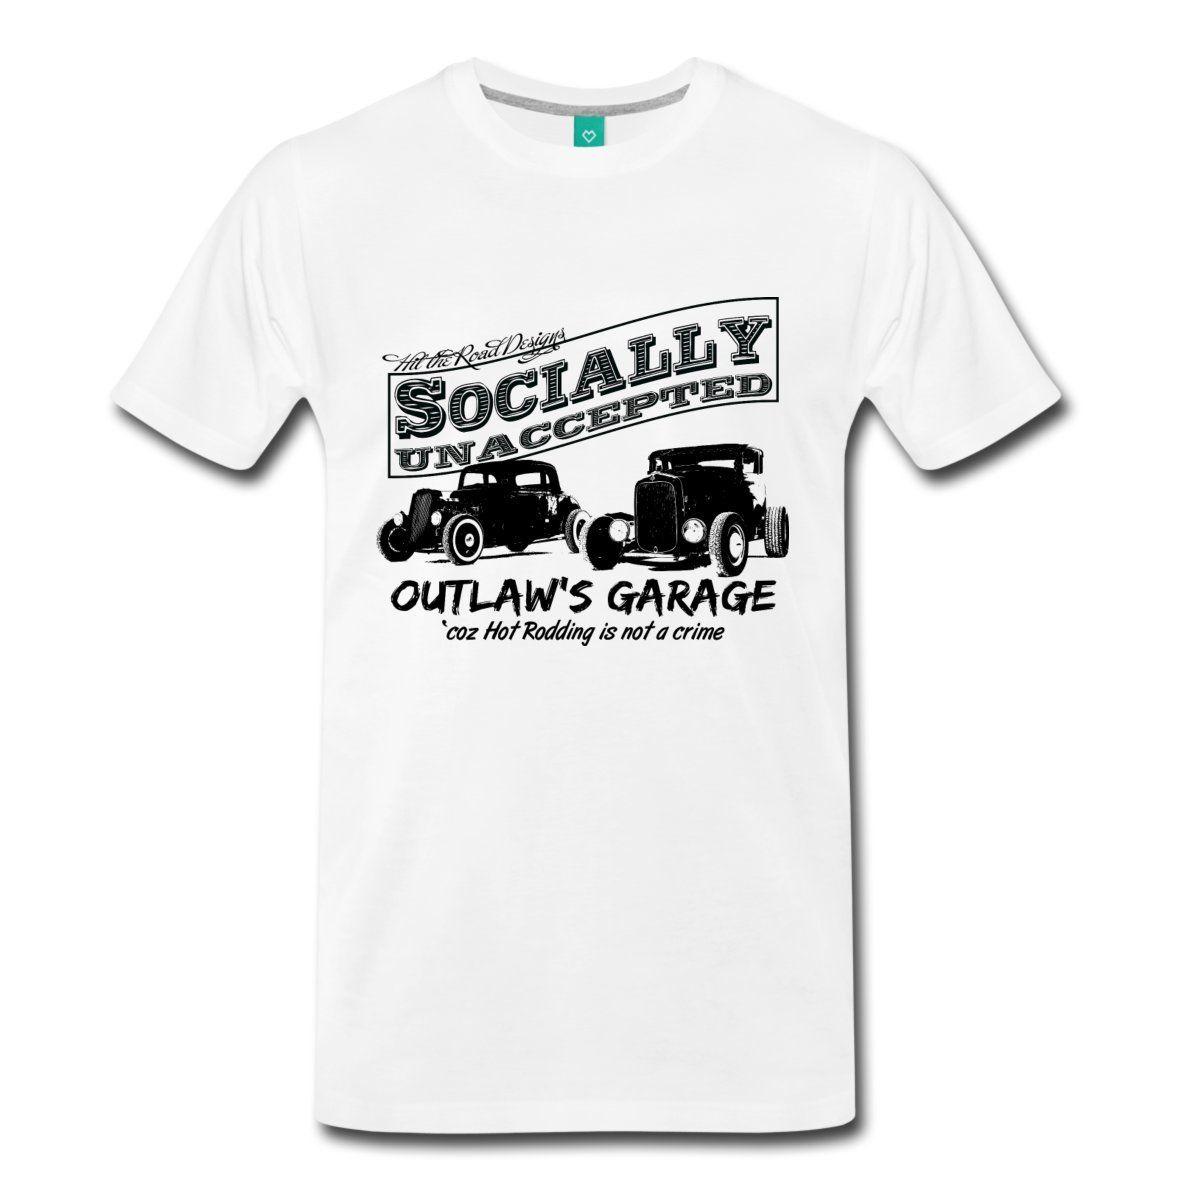 무법자의 차고. 사회적으로 받아 들여지지 않은 핫로드. 두 개의 핫로드 남자 티셔츠 여름 뉴 패션 티셔츠 여름 탑 스커트